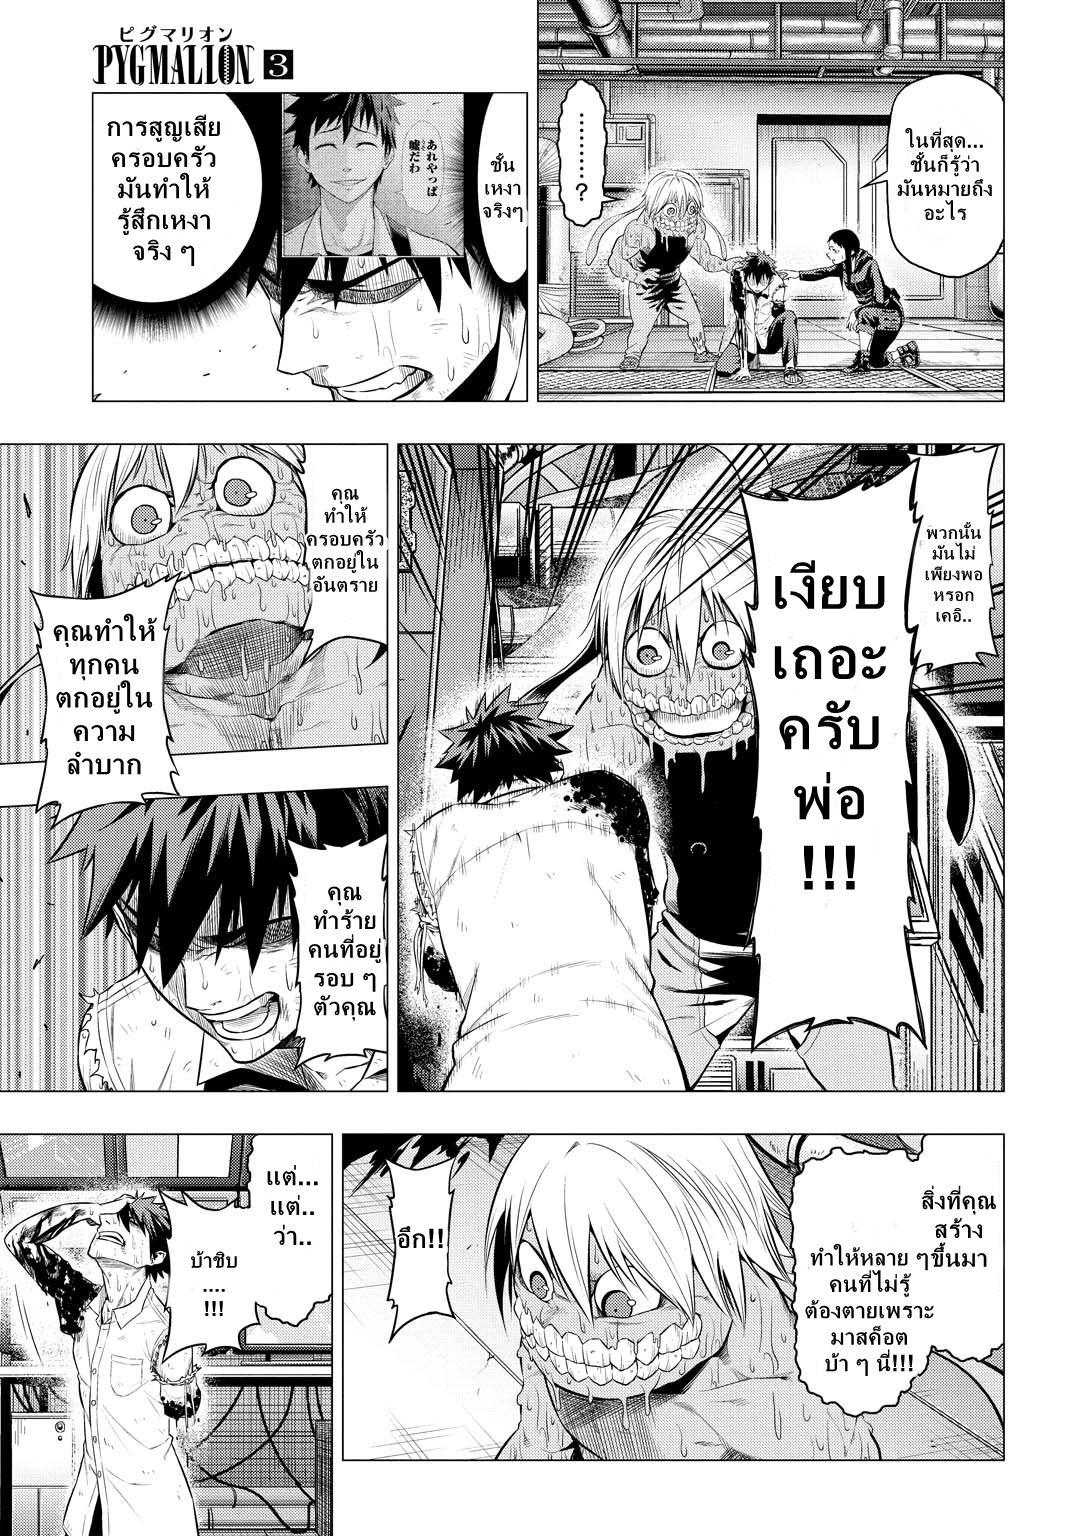 อ่านการ์ตูน Pygmalion ตอนที่ 18 หน้าที่ 5